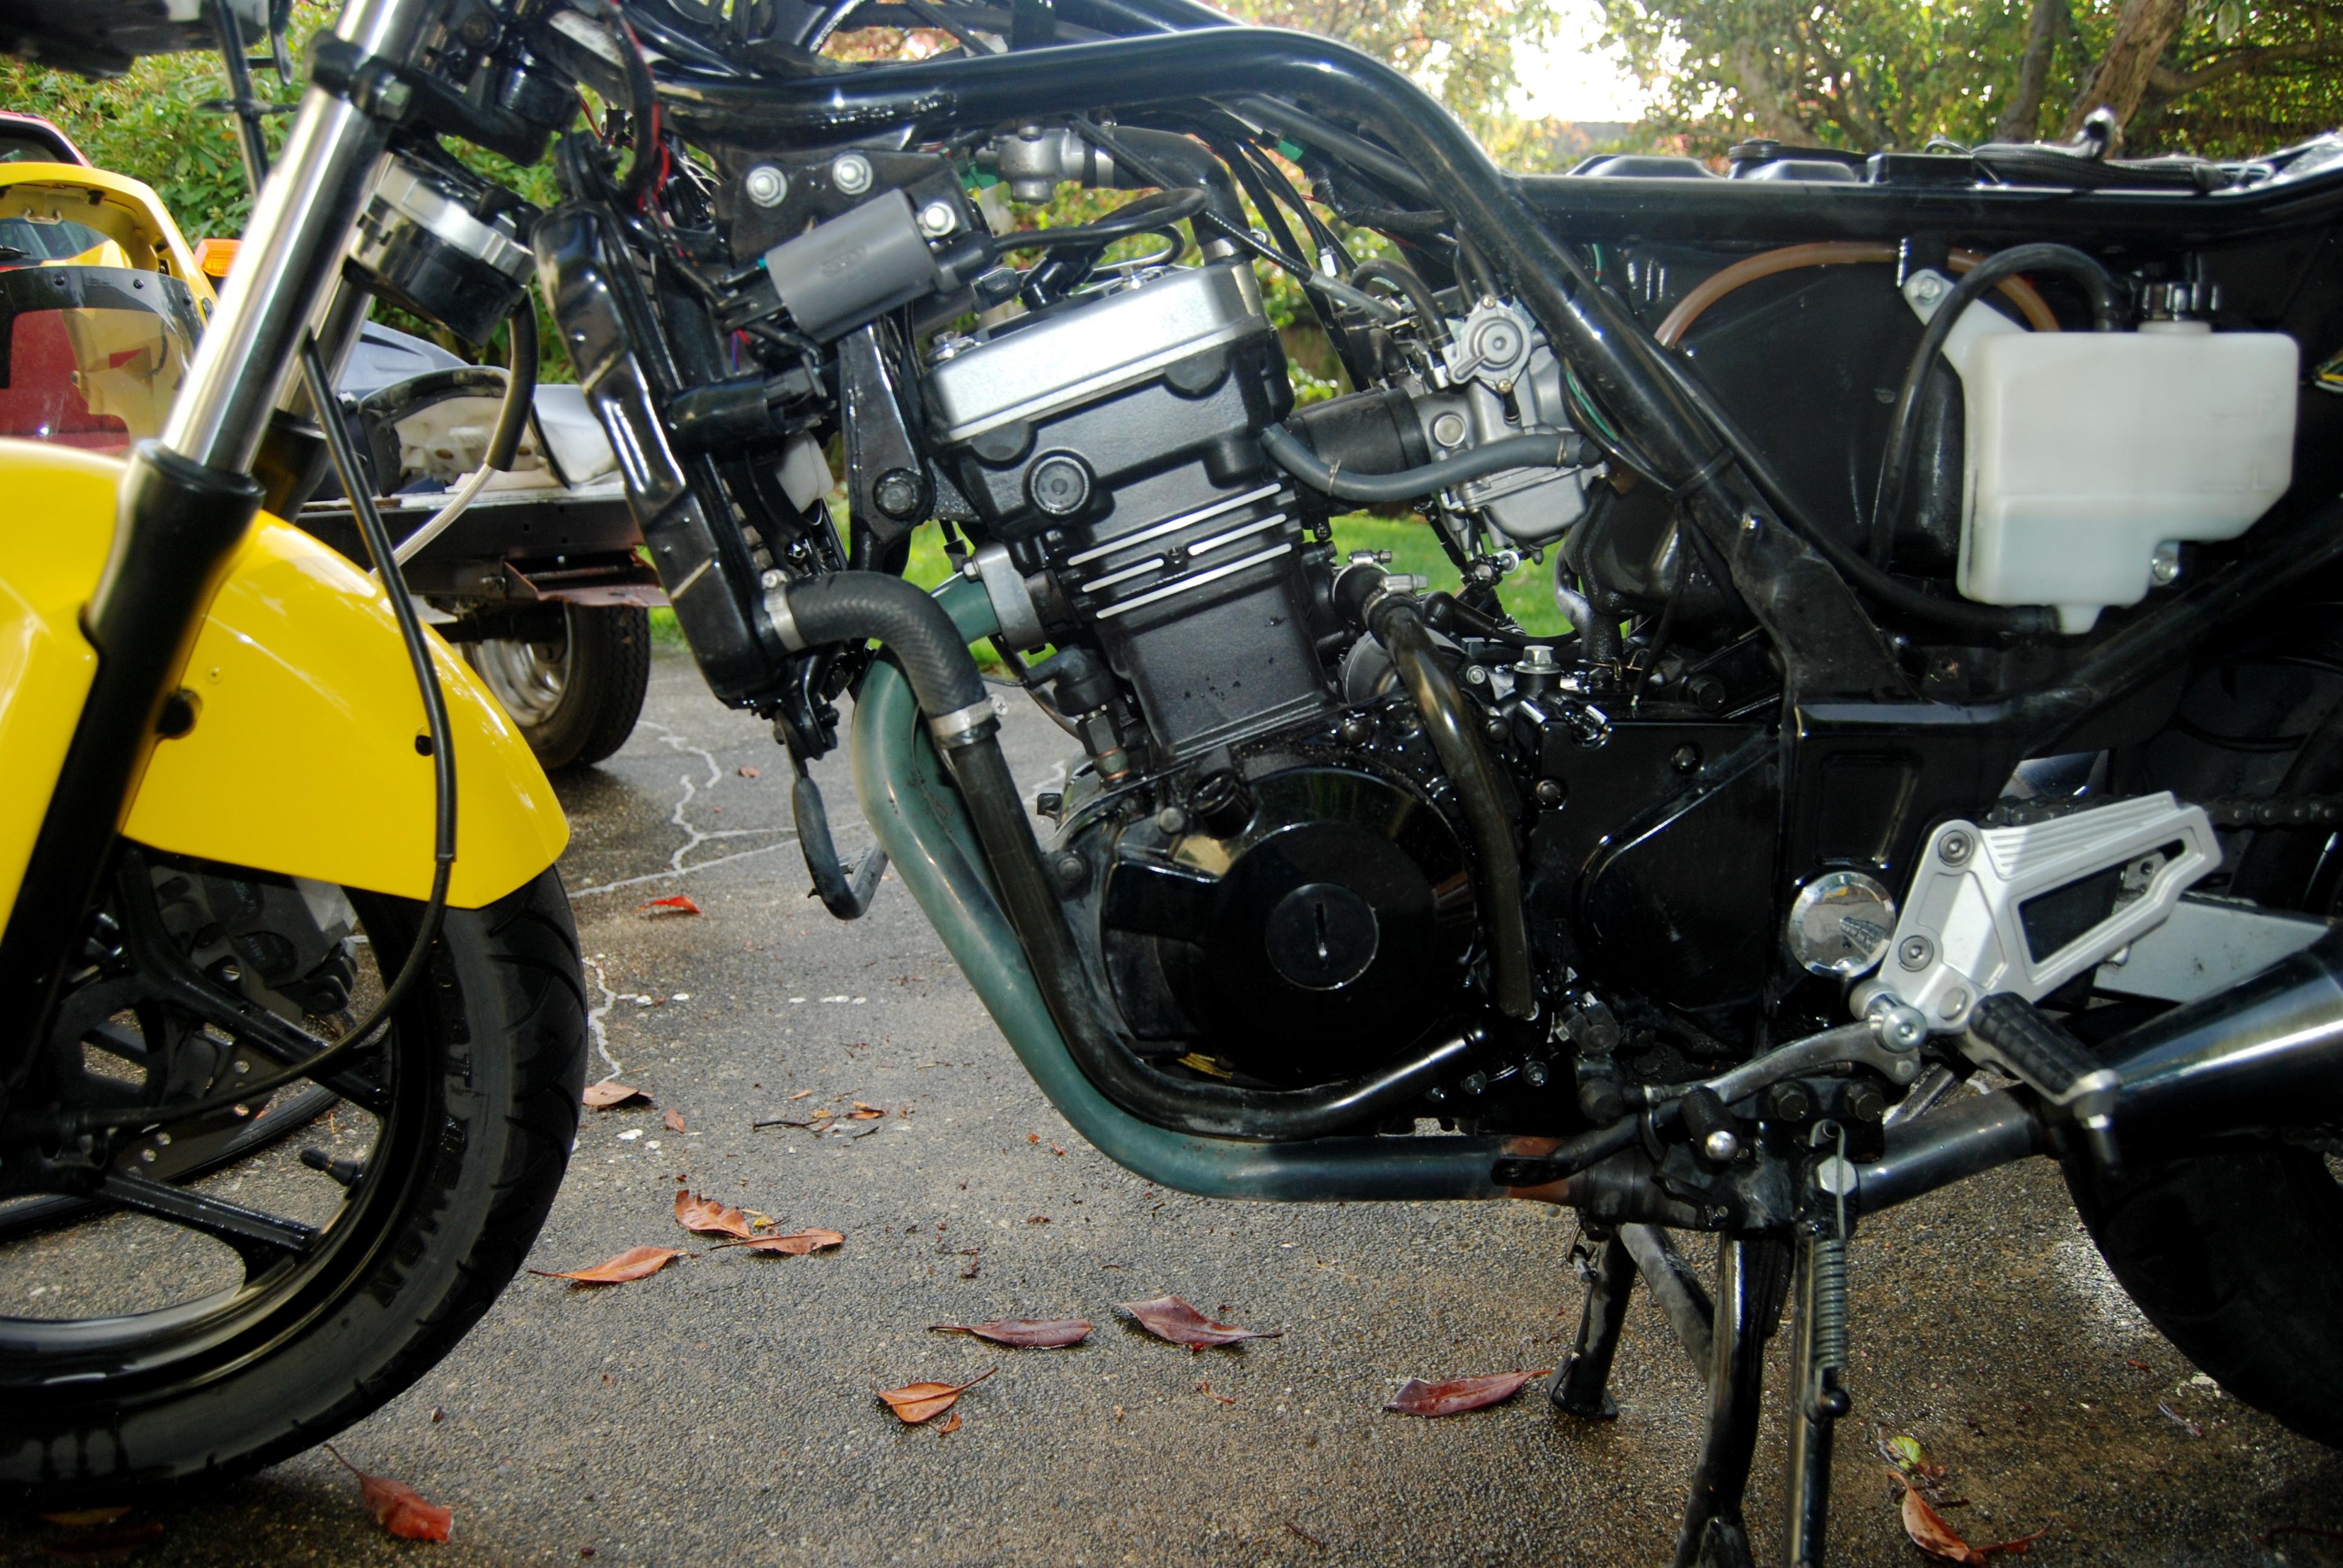 KAWASAKI 250 engine